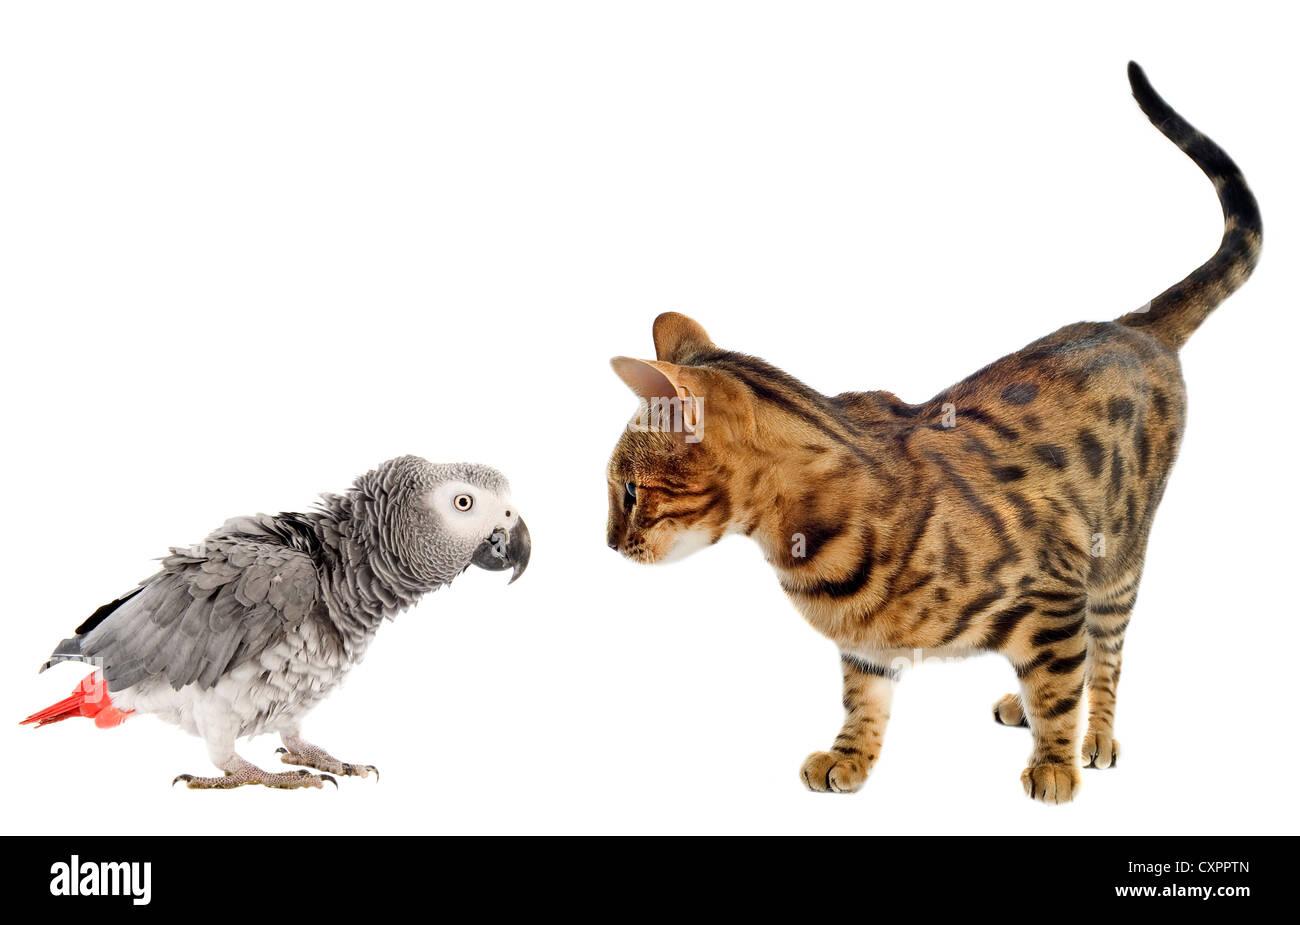 Gris Africano asustando Parrotand Bengala gato delante de un fondo blanco Foto de stock